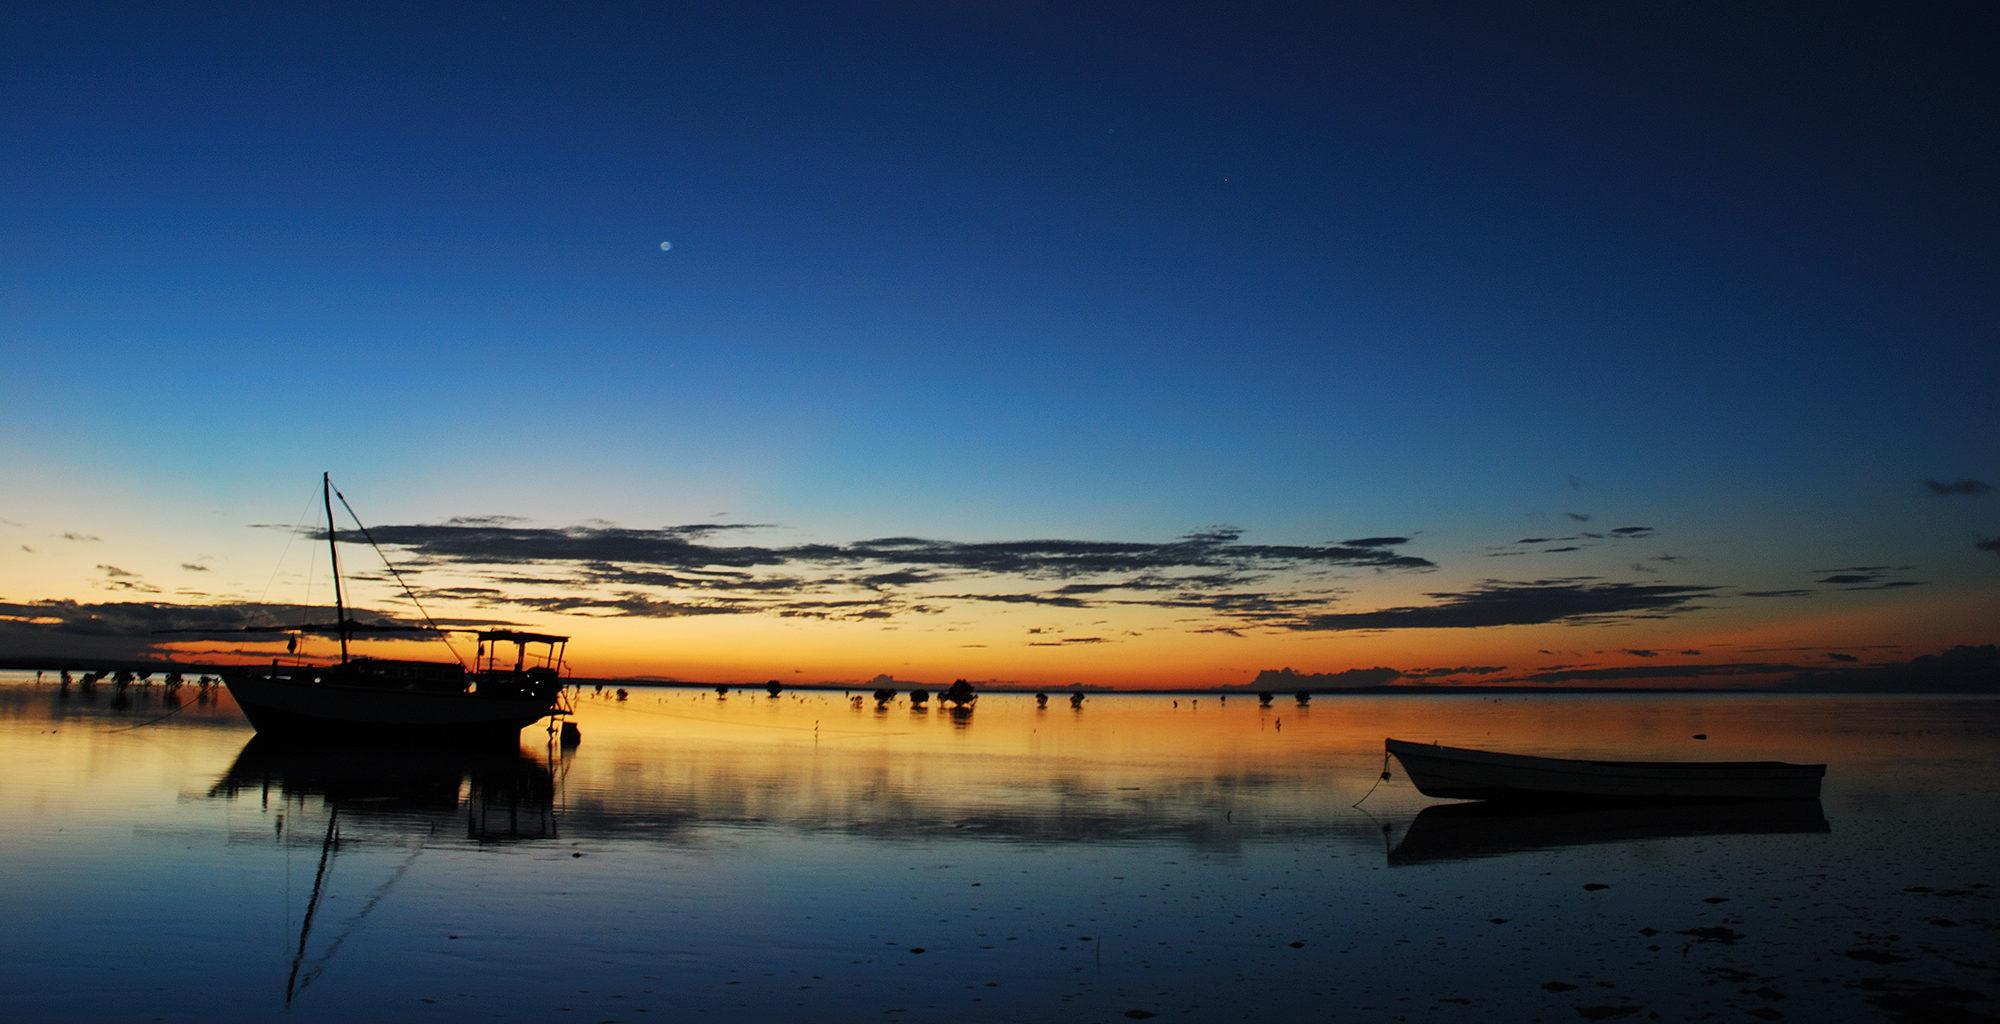 Mozambique-Quirimbas-Archipelago-Sunset